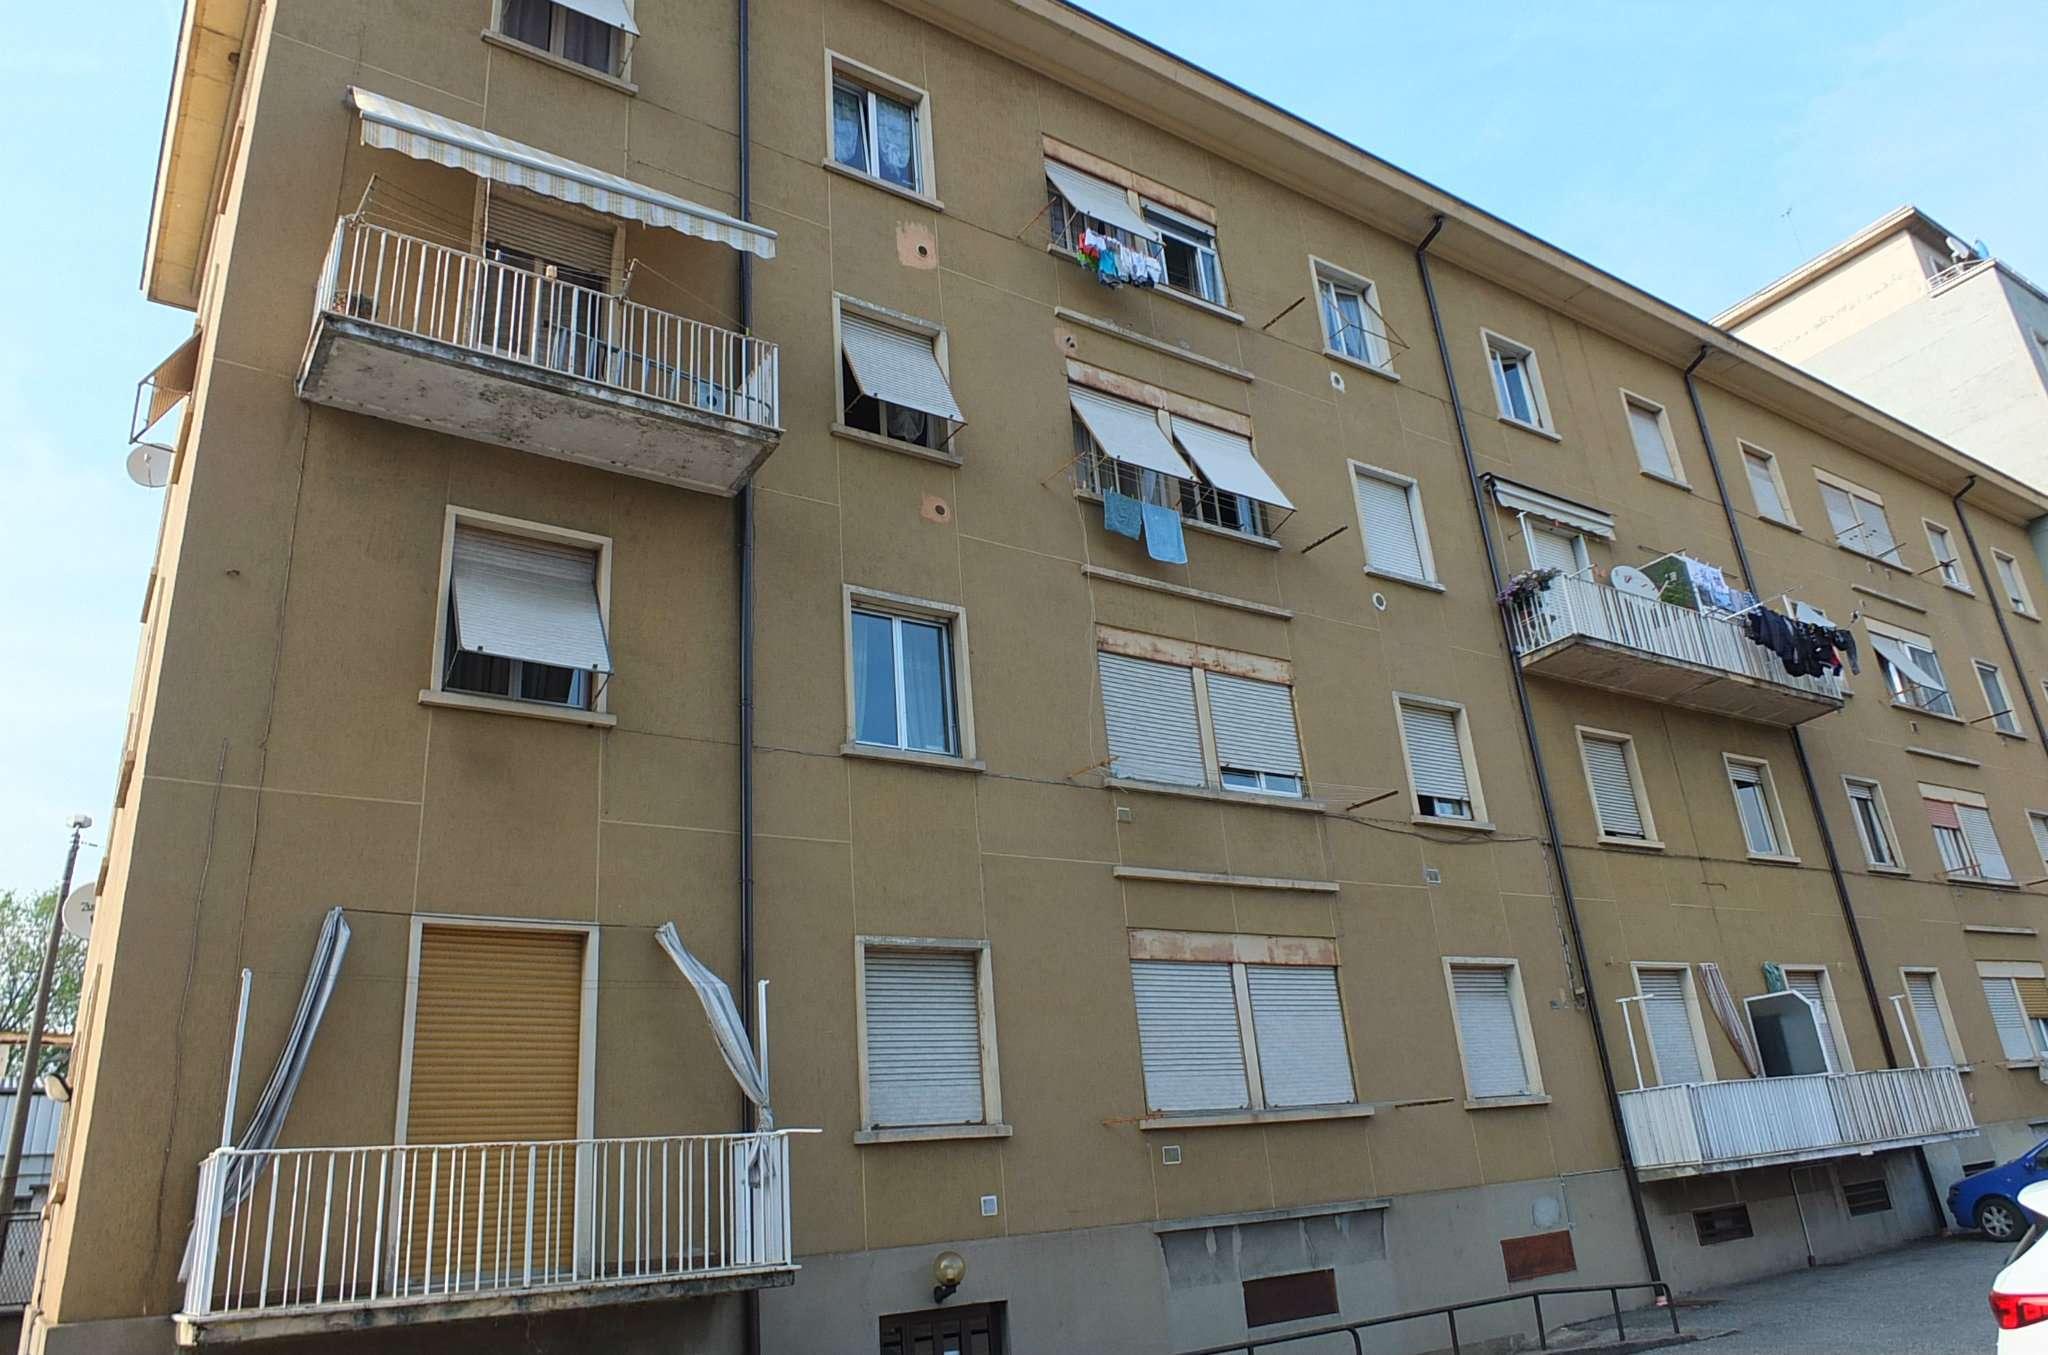 Appartamento in vendita a Luino, 3 locali, prezzo € 70.000 | CambioCasa.it